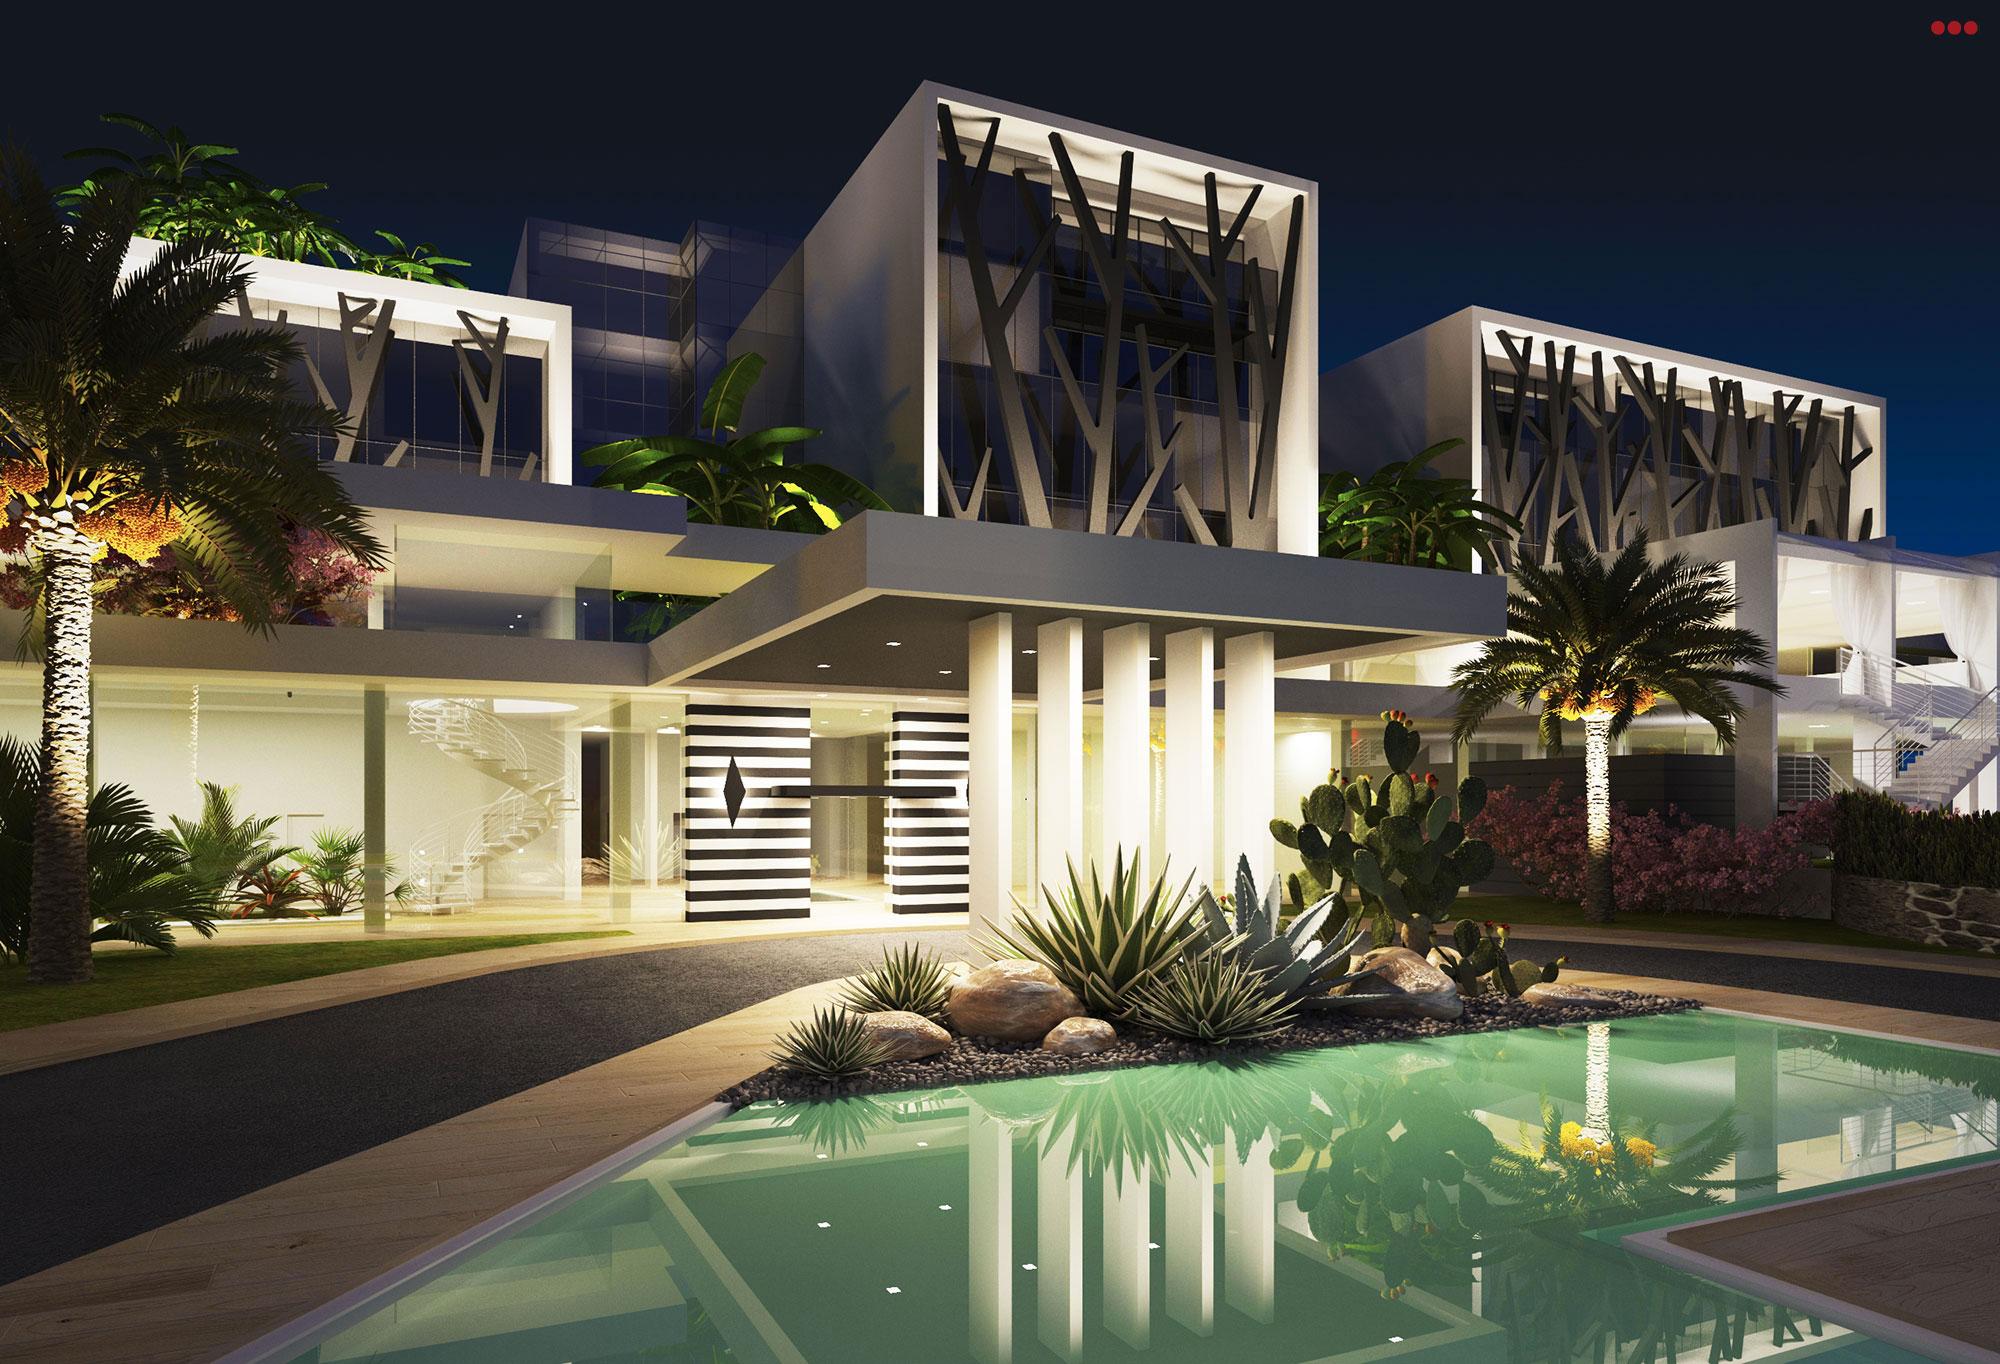 Studio-BArtolini-rendering-progettazione-grafica-3D-Hotel-Porto-Amelia-Mozzambico-1